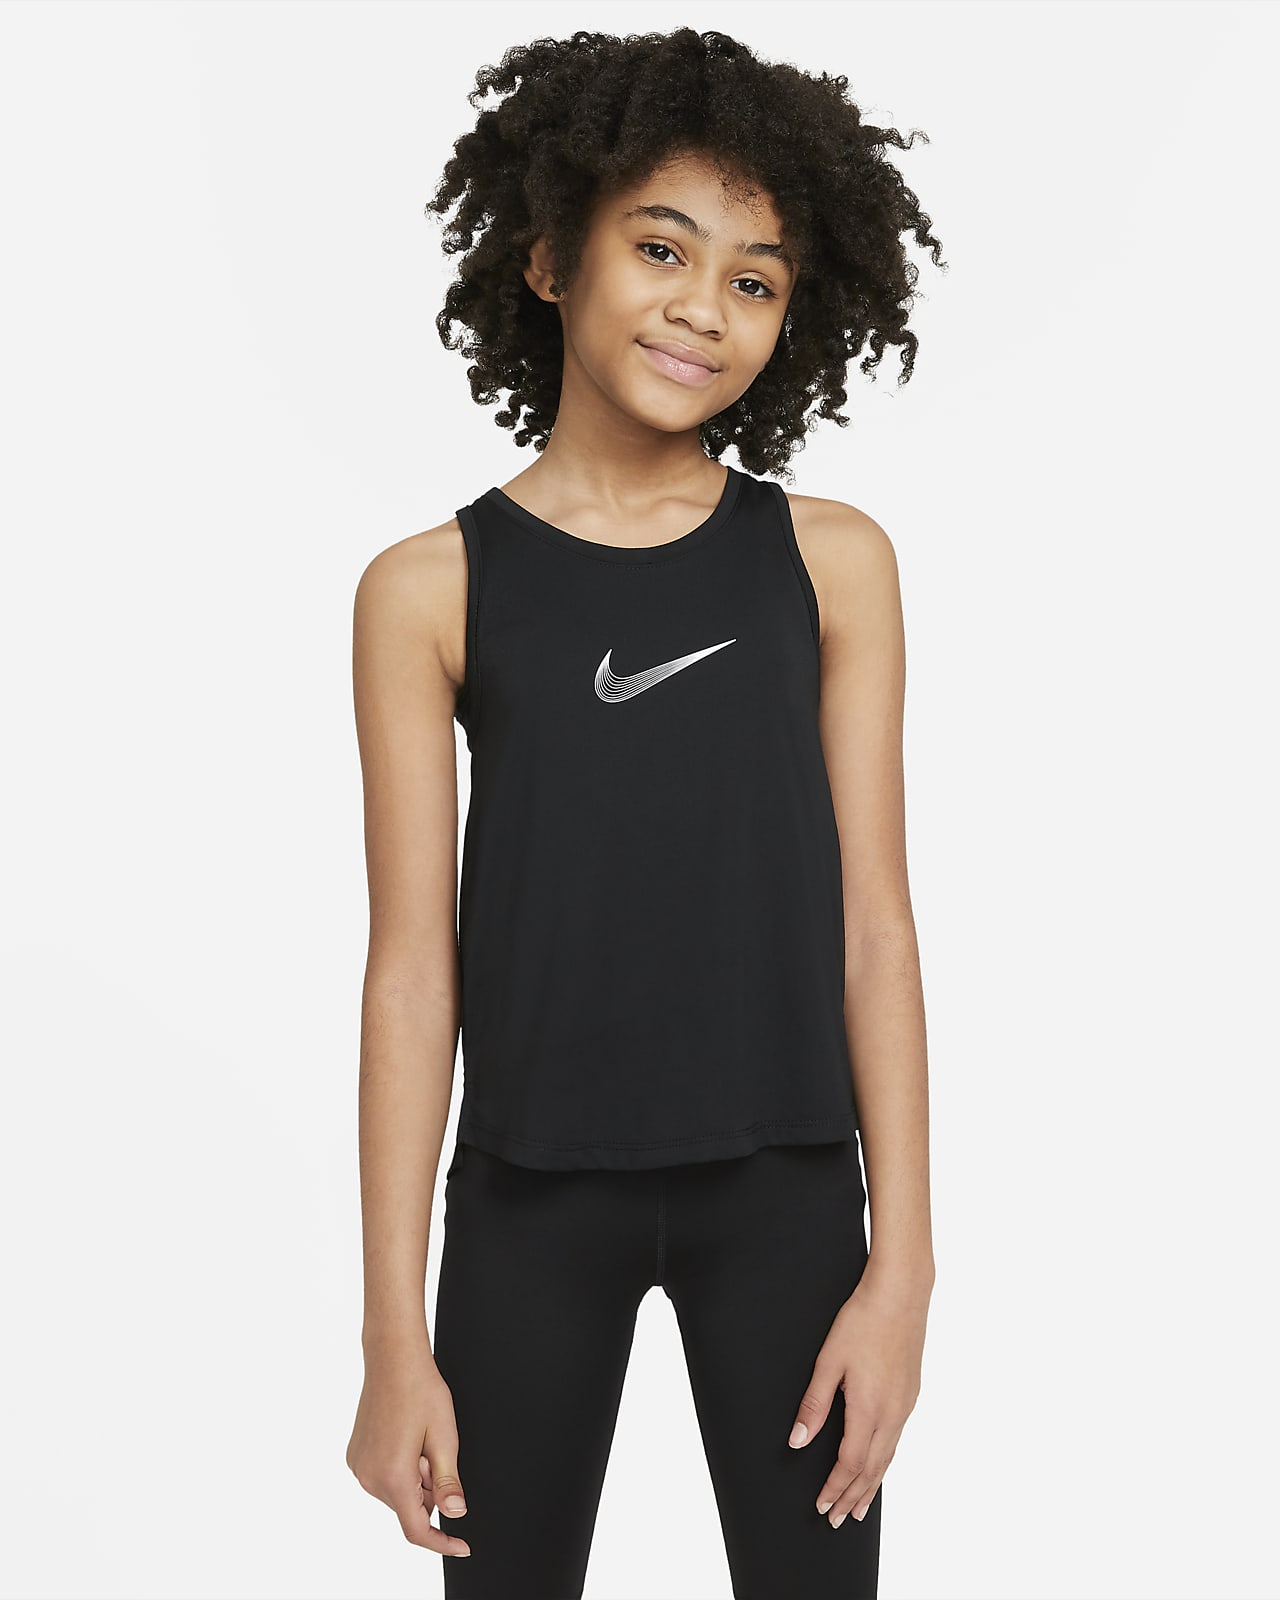 Майка для тренинга для девочек школьного возраста Nike Dri-FIT Trophy